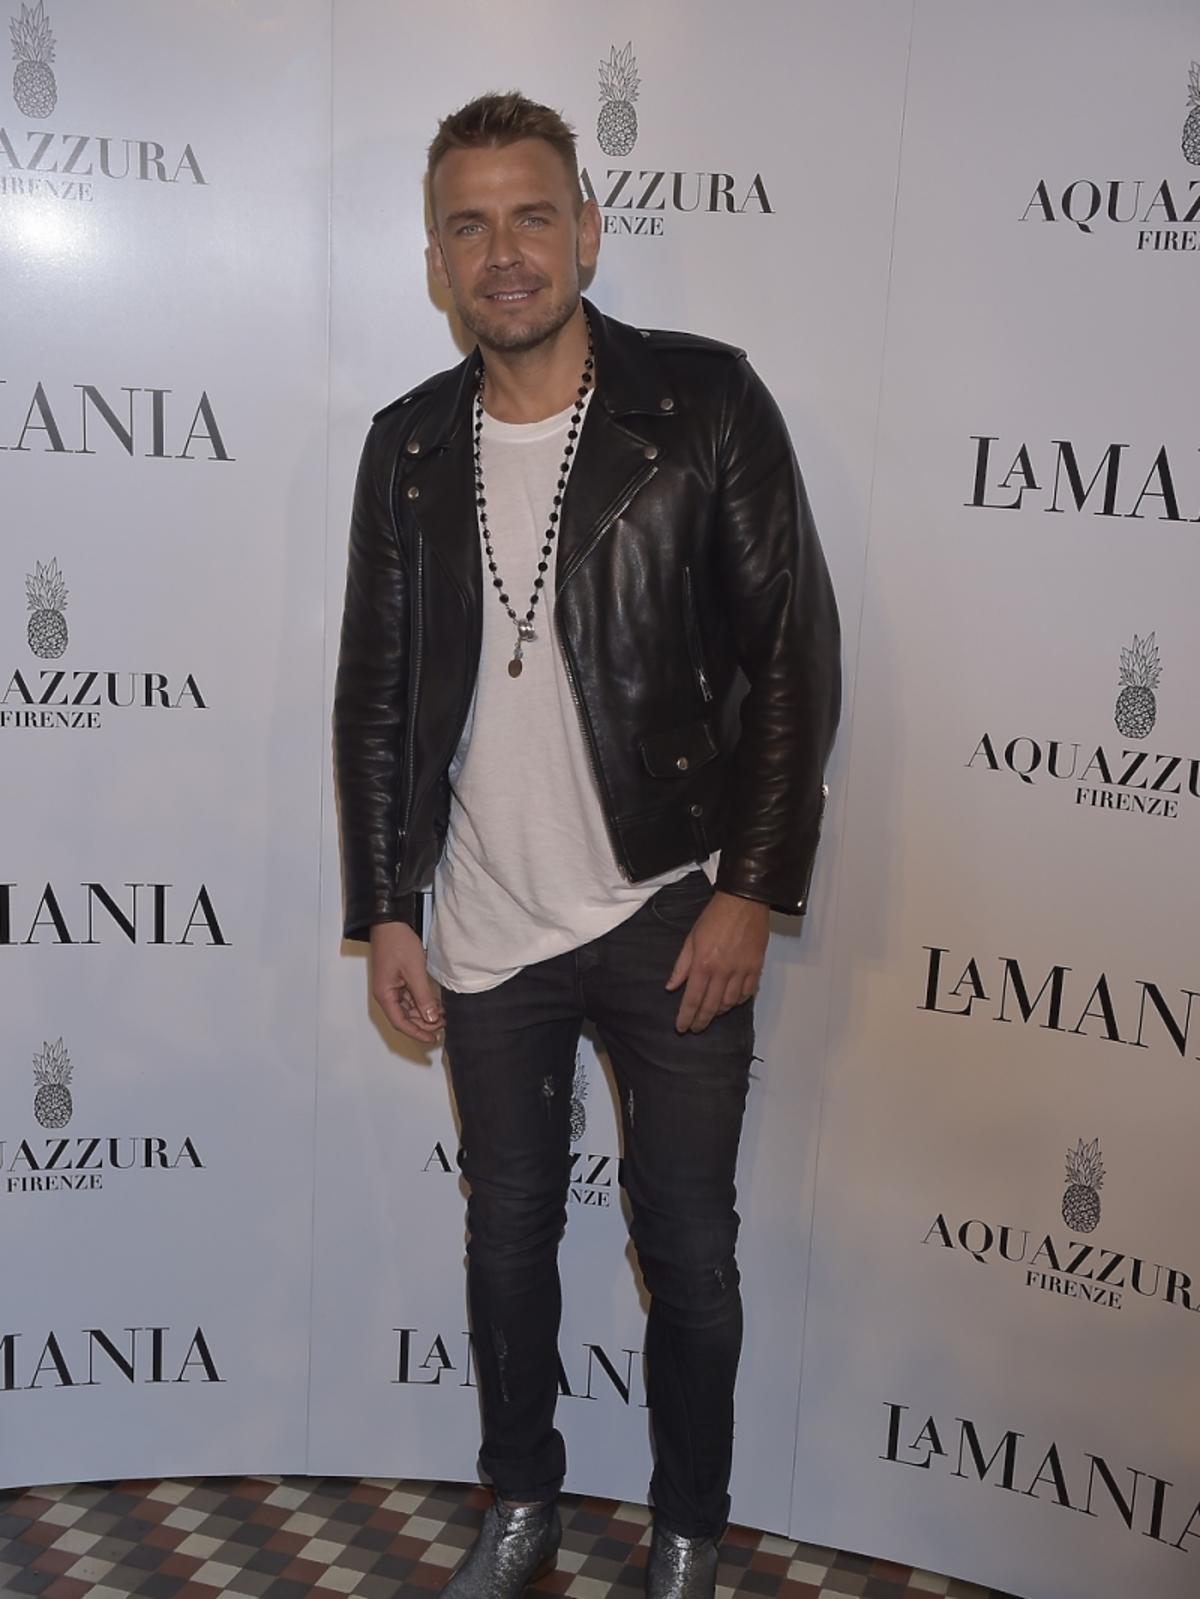 Dawid Woliński na prezentacji La Mania